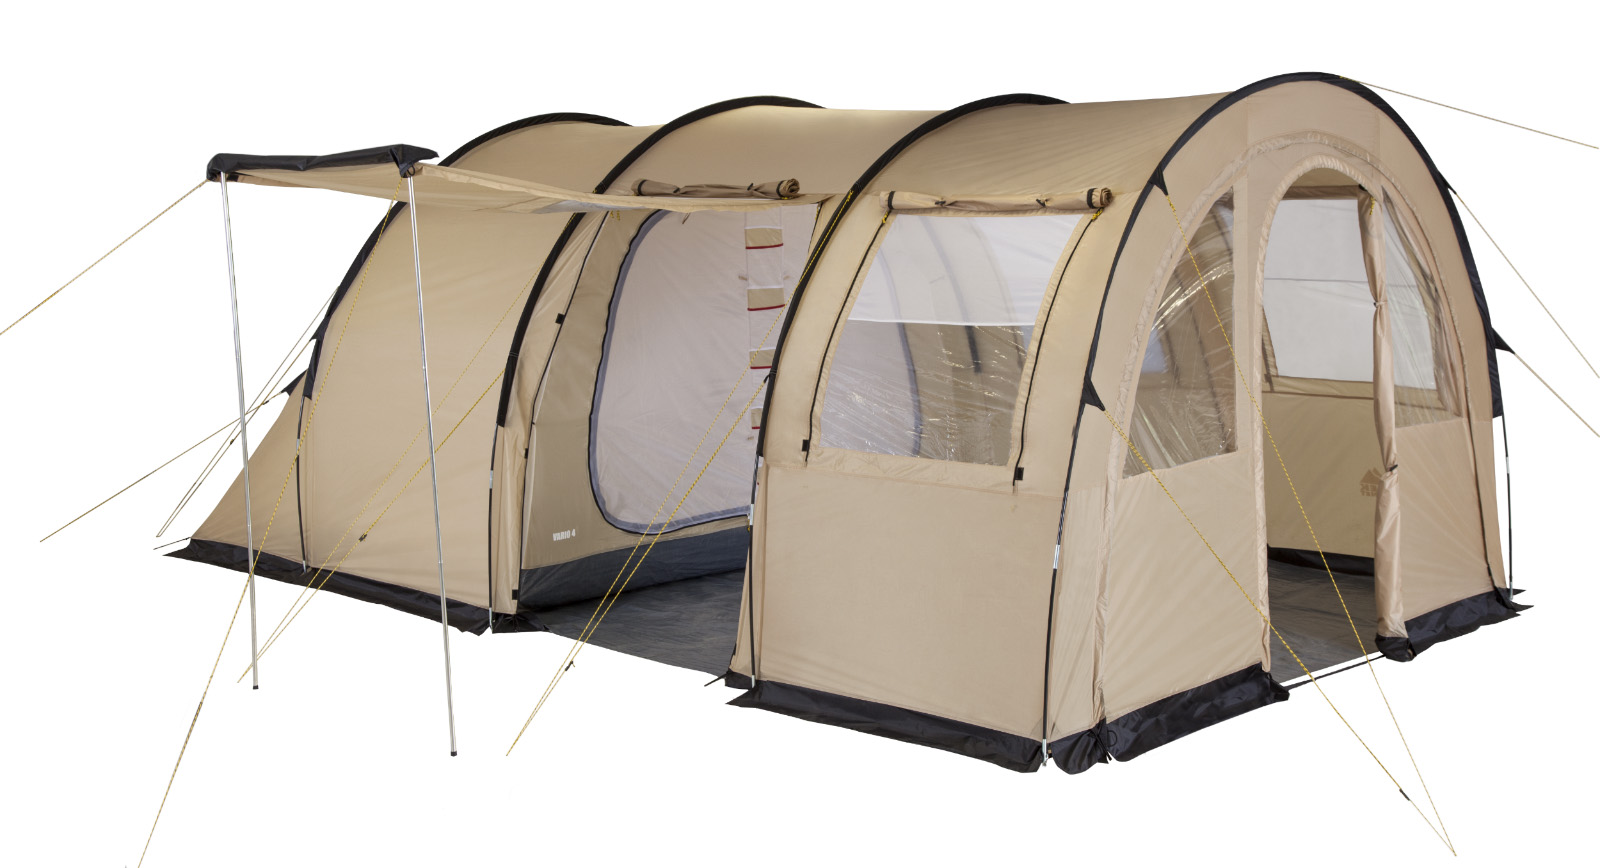 Палатка пятиместная TREK PLANET Vario 5, цвет: песочный70248Пятиместная двухслойная семейная палатка в форме полубочки TREK PLANET Vario 5 с отличной вентиляцией и огромным помещением, позволяющим с комфортом расположиться внутри всей семьей или небольшой компании отдыхающих- отличный выбор для семейного кемпинга и отдыха на природе.Особенности модели:- Размер спальной комнаты: 240 см х 350 см х 210 см;- Тент палатки из полиэстера с пропиткой PU надежно защищает от дождя и ветра;- Все швы проклеены;- Большое и высокое внутреннее помещение, где свободно размещается кемпинговый стол и стулья на 4-5 человек;- Съемный пол в тамбуре из армированного полиэтилена;- Передняя стенка палатки может быть перестегнута на вторую секцию дуг, образуя козырек перед палаткой, а также может быть снята совсем;- Четыре обзорных окна со шторкой во внутреннем помещении, совмещенные с вентиляционными окнами.- Защитная юбка из армированного полиэтилена по периметру внутреннего помещения;- Большой выносной козырек на металлических стойках;- Дуги из прочного стеклопластика;- Дно из прочного водонепроницаемого армированного полиэтилена позволяет устанавливать палатку на жесткой траве, песчаной поверхности, глине и т.д.;- Внутренняя палатка из дышащего полиэстера, обеспечивают вентиляцию помещения и позволяют конденсату испаряться, не проникая внутрь палатки;- Трехпозиционные вентиляционные окна в спальных отделениях (закрыто, частично открыто, полностью открыто);- Разделительная перегородка в спальном отделении;- Раздельный вход в каждое спальное отделение;- Москитные сетки на на каждом входе во внутреннюю палатку в полный размер двери;- Внутренние карманы для мелочей;- Удобный органайзер между D-образными дверьми в спальное отделение;- Возможность подвески фонаря в палатке.Для удобства транспортировки и хранения предусмотрен чехол из прочного полиэстера OXFORD, с двумя ручками и закрывающийся на застежку-молнию.